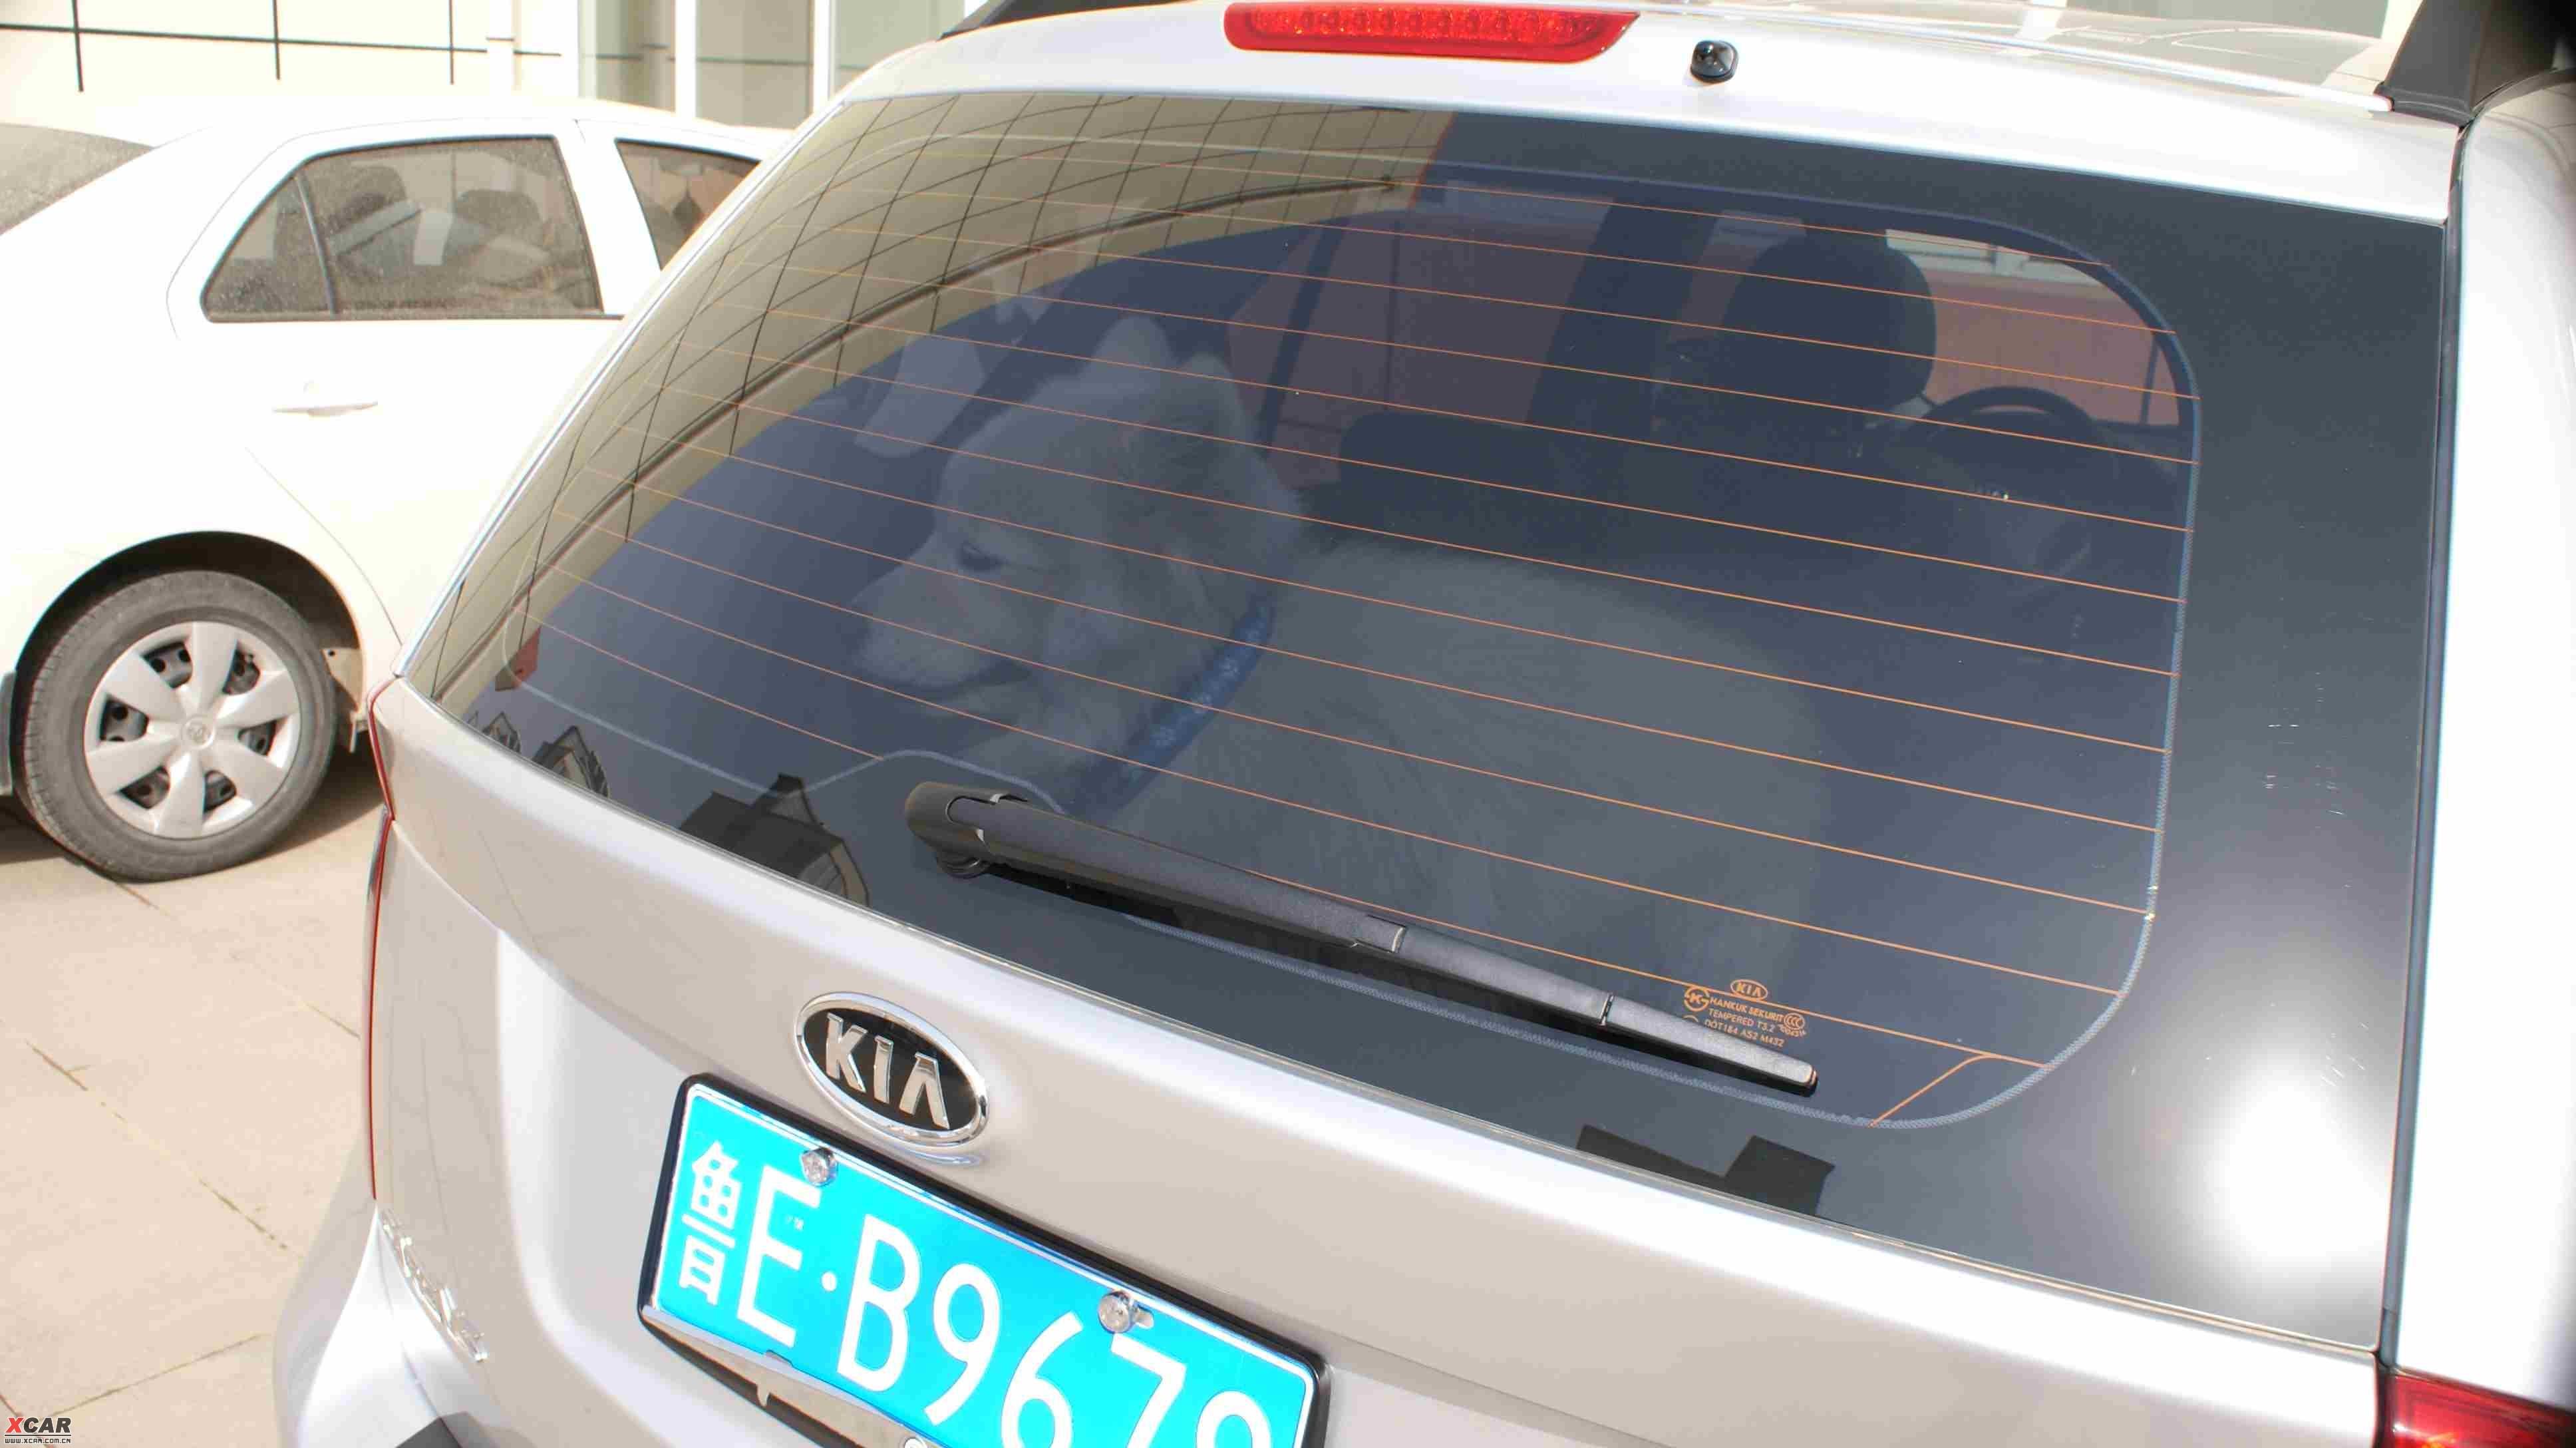 选择佳乐的原因 新佳乐论坛 起亚论坛 进口 xcar 爱卡汽车高清图片